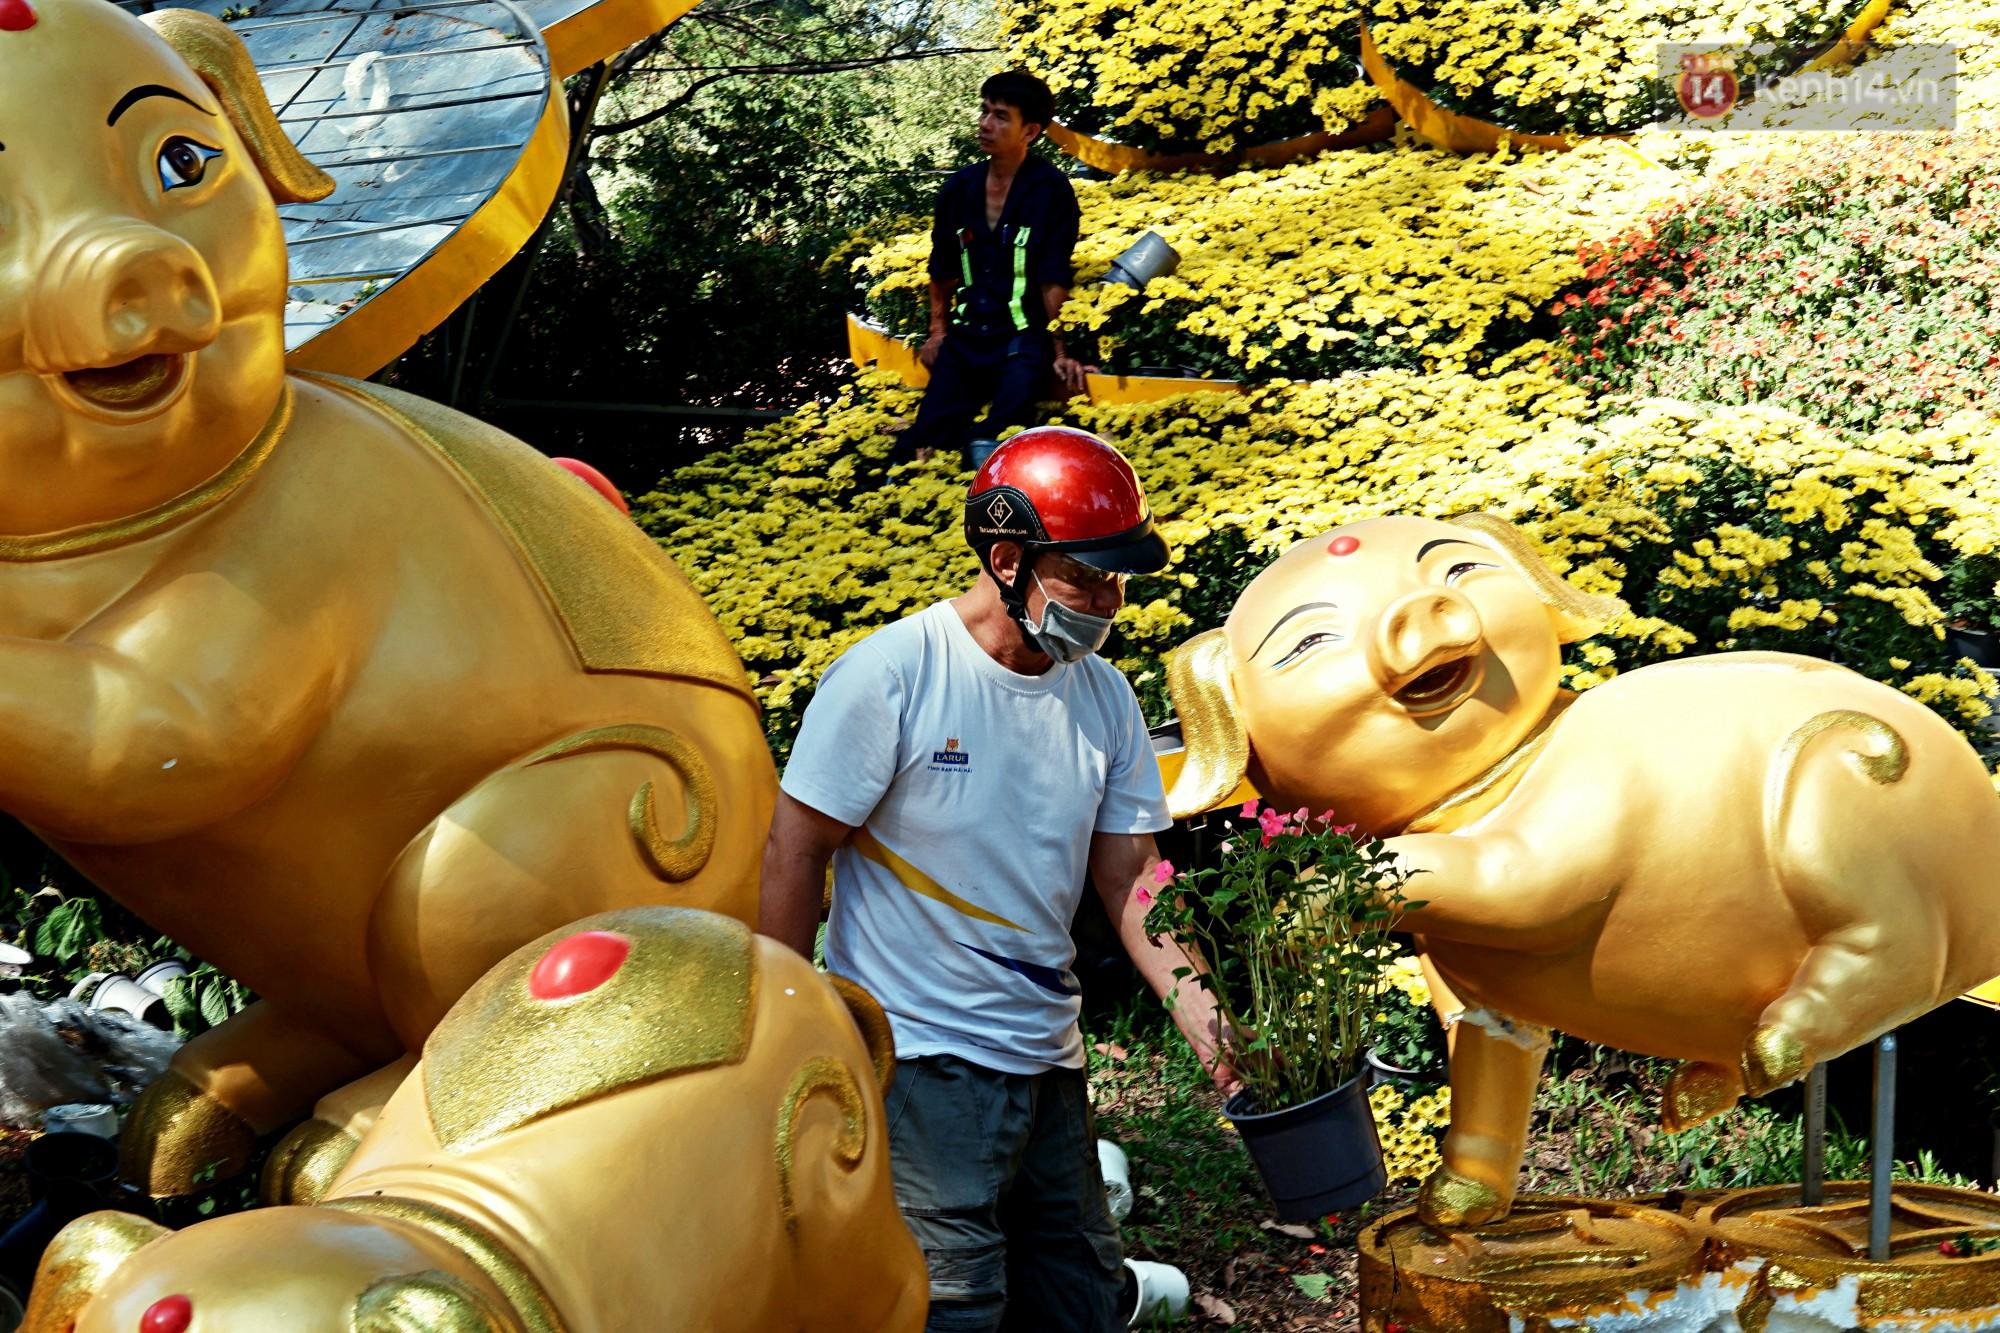 Hội hoa Xuân kết thúc, người dân Sài Gòn hào hứng xin hoa miễn phí về chưng cho đỡ uổng phí - Ảnh 3.